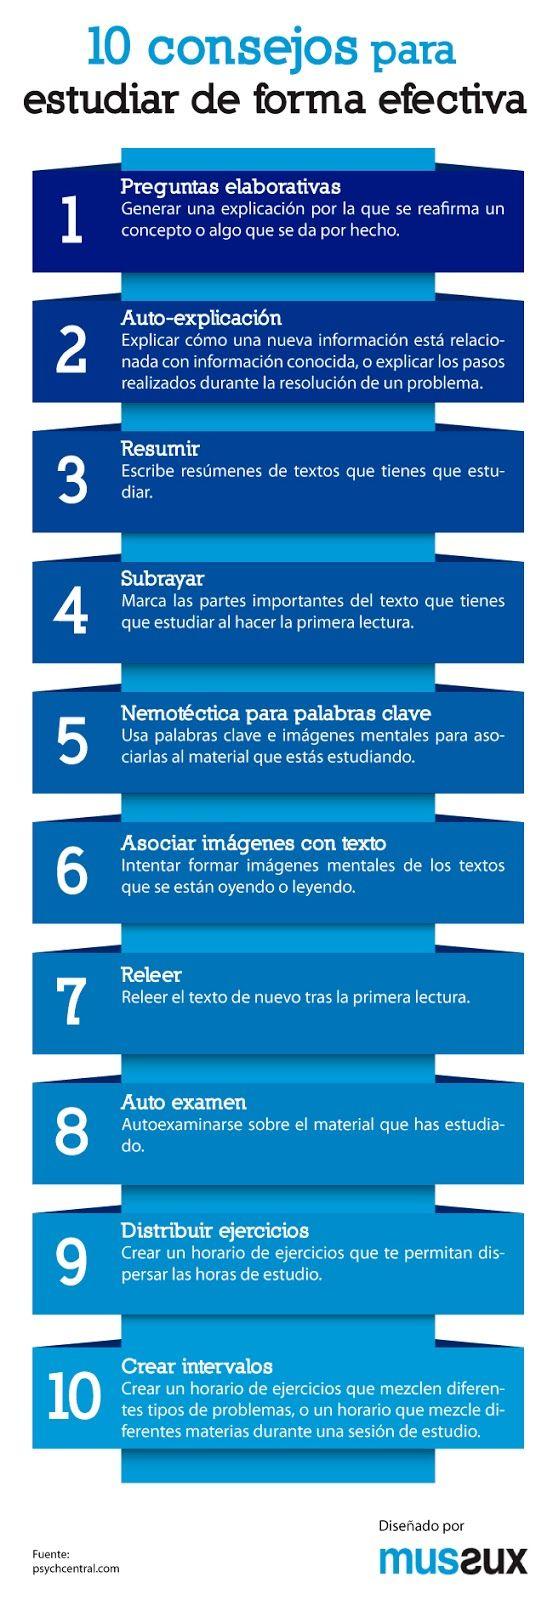 10ConsejosEstudiarFormaEfectiva-Infografía-BlogGesvin